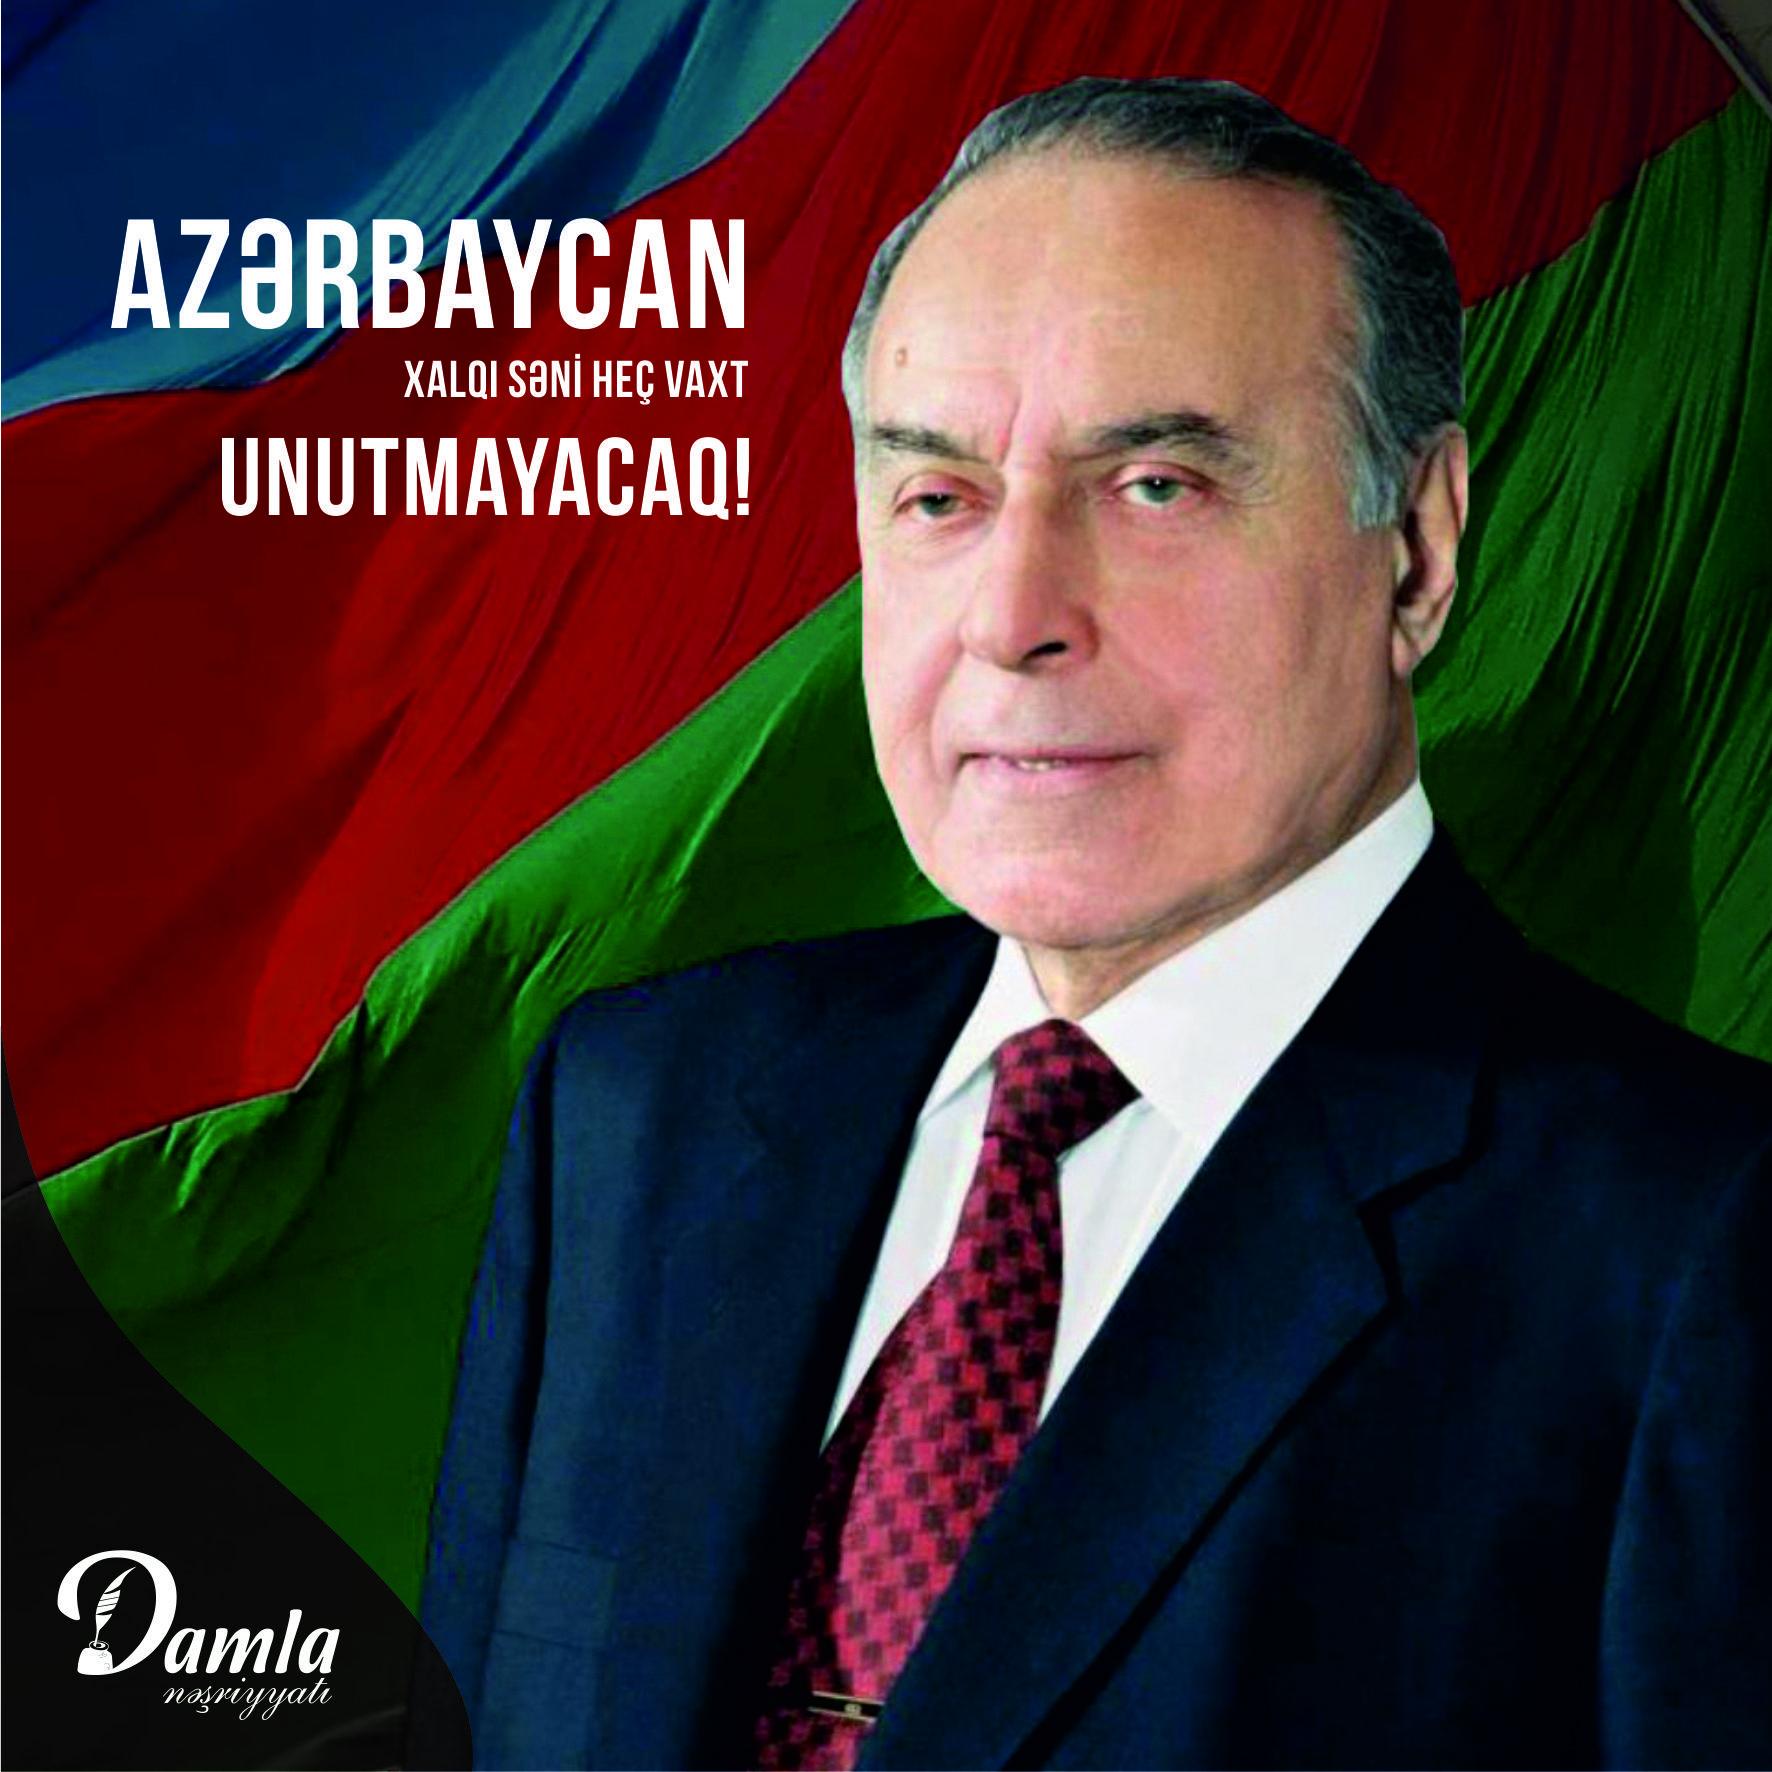 Heydər əliyev Azərbaycan Xalqi Səni Hec Vaxt Unutmayacaq Damla Nesriyyati Lider Azərbaycan Xalq Muəllim əliyev Heydə Father And Son Chemistry Poster